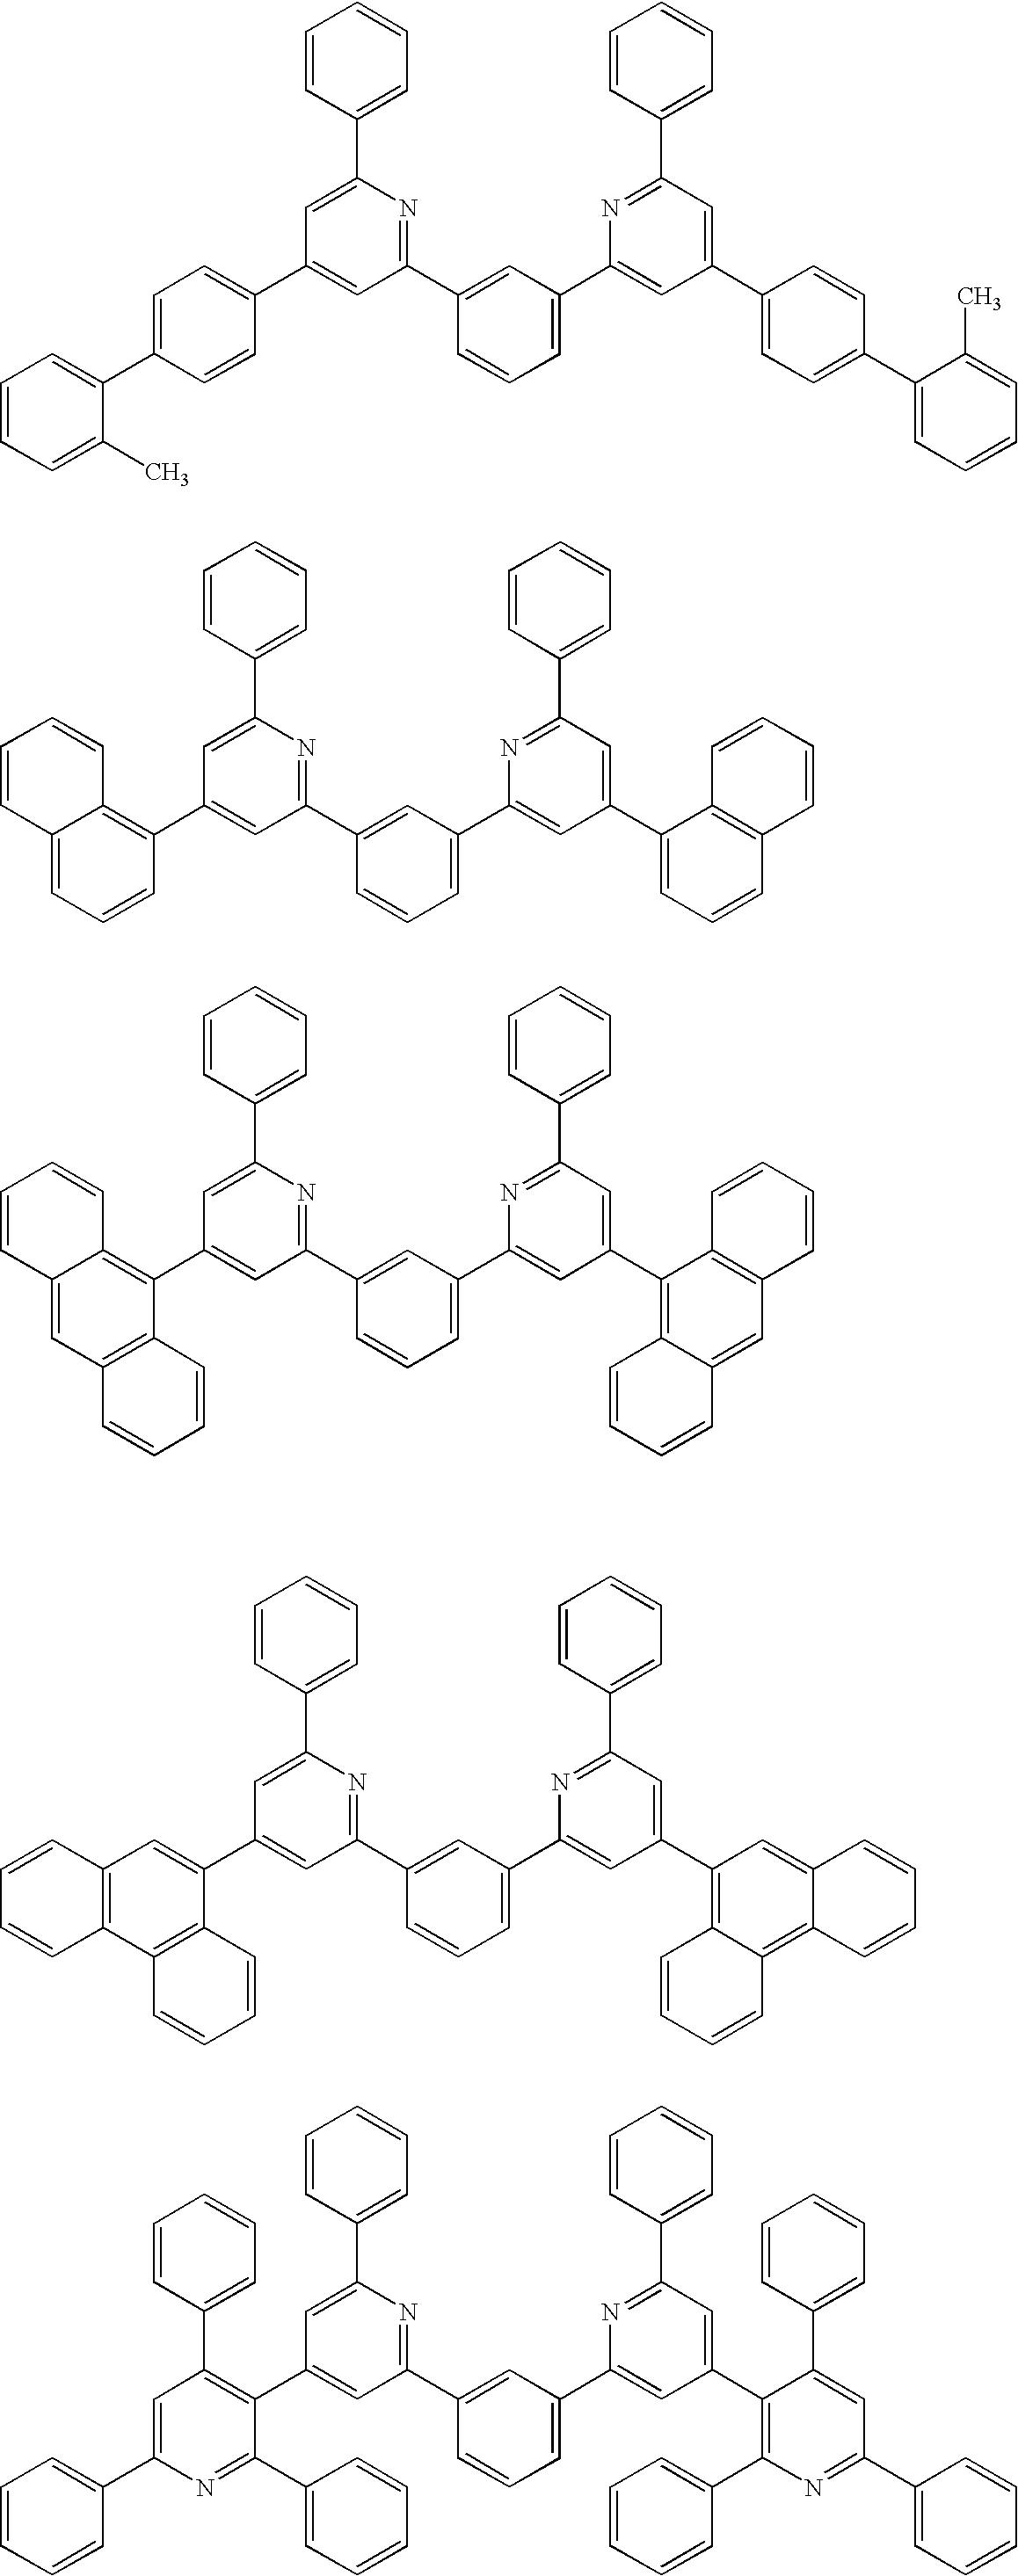 Figure US20060186796A1-20060824-C00095